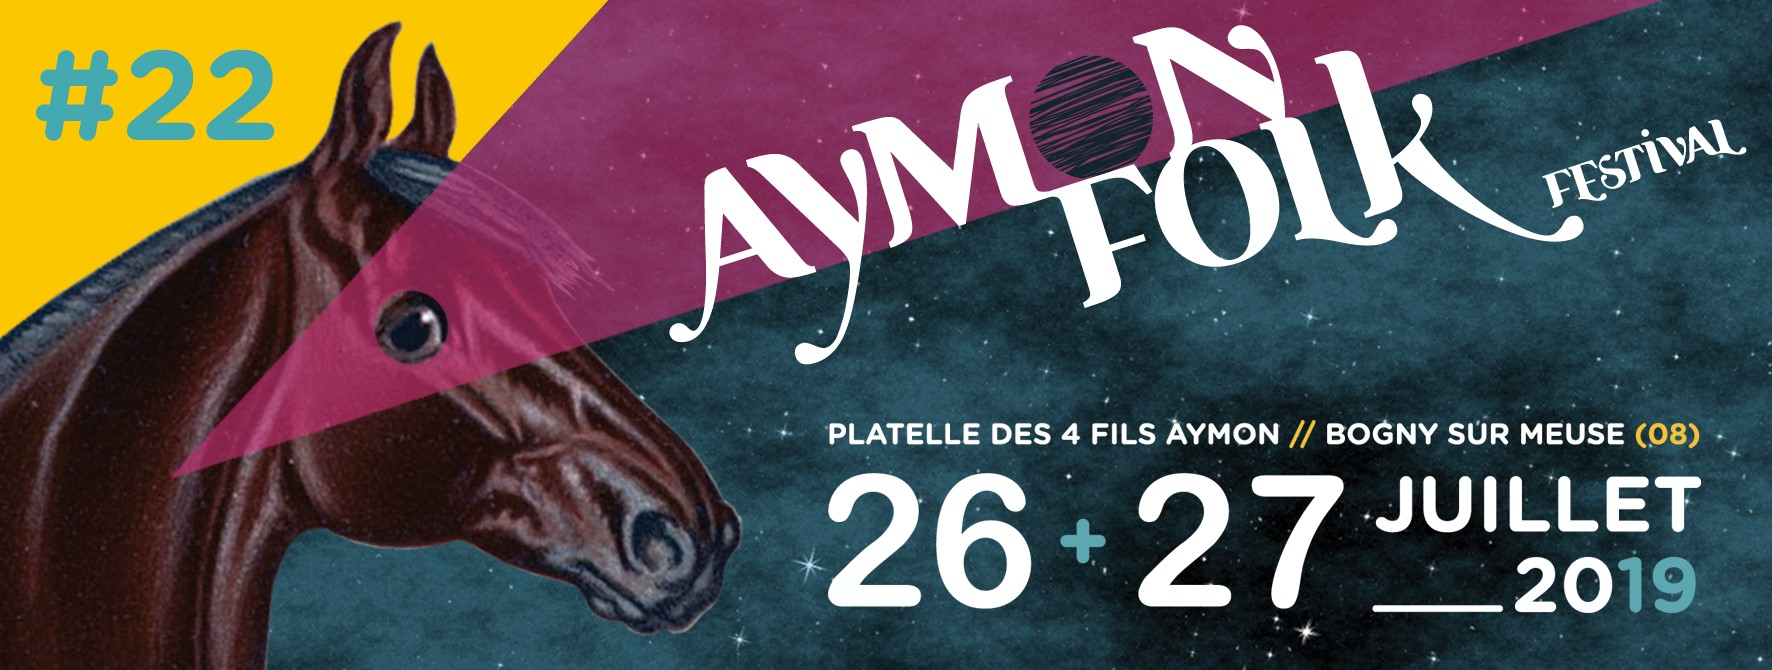 Aymon Folk